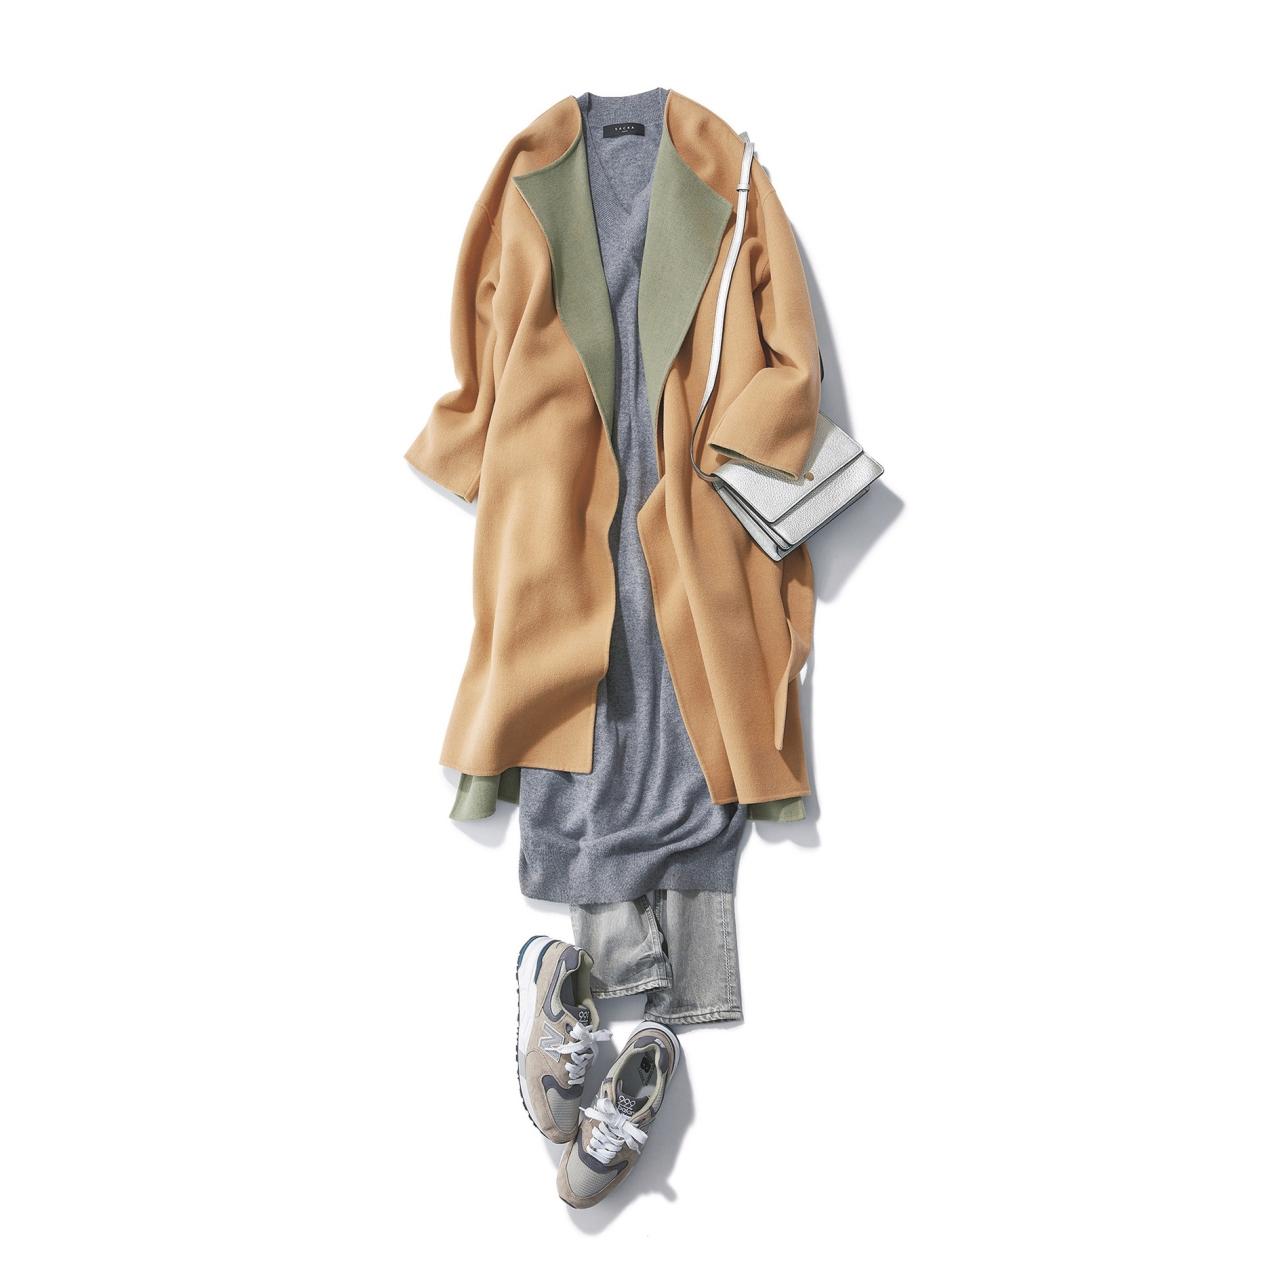 グレースニーカー×ロングワンピース&デニムパンツのファッションコーデ